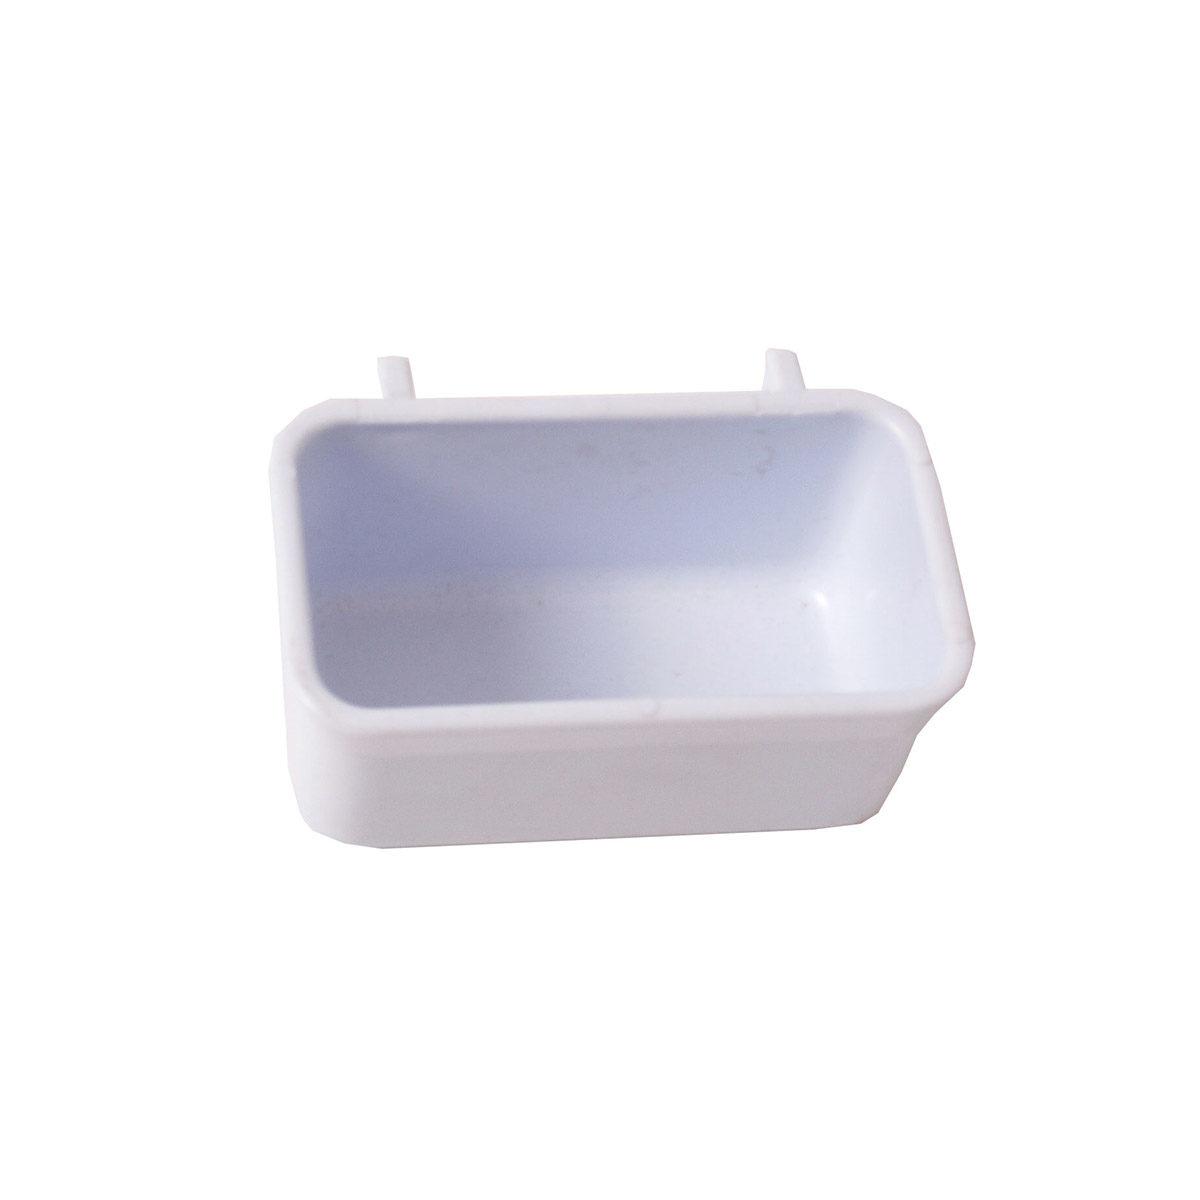 Voerbakje 053 Plastic Wit - in Voerbakken & Drinkflessen